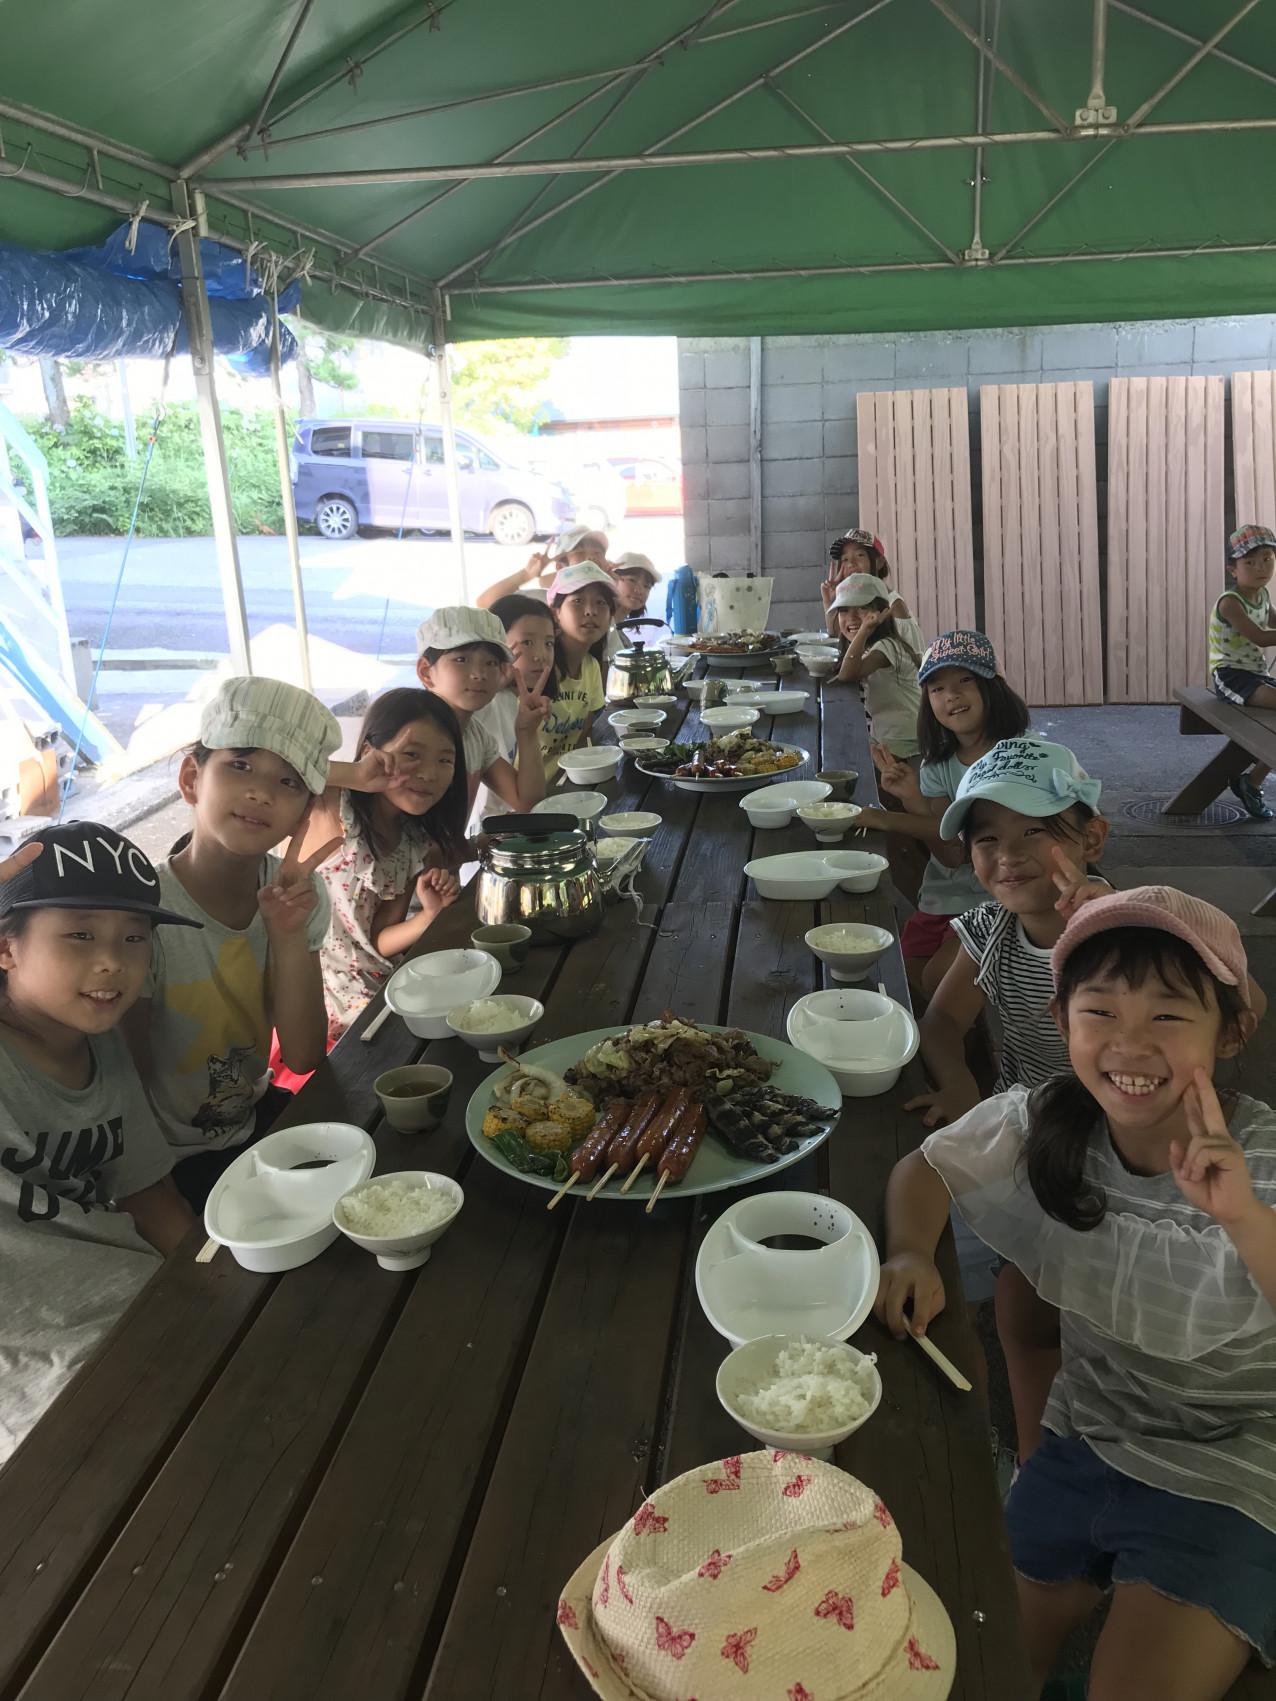 サマーキャンプinハチ高原🏕画像38